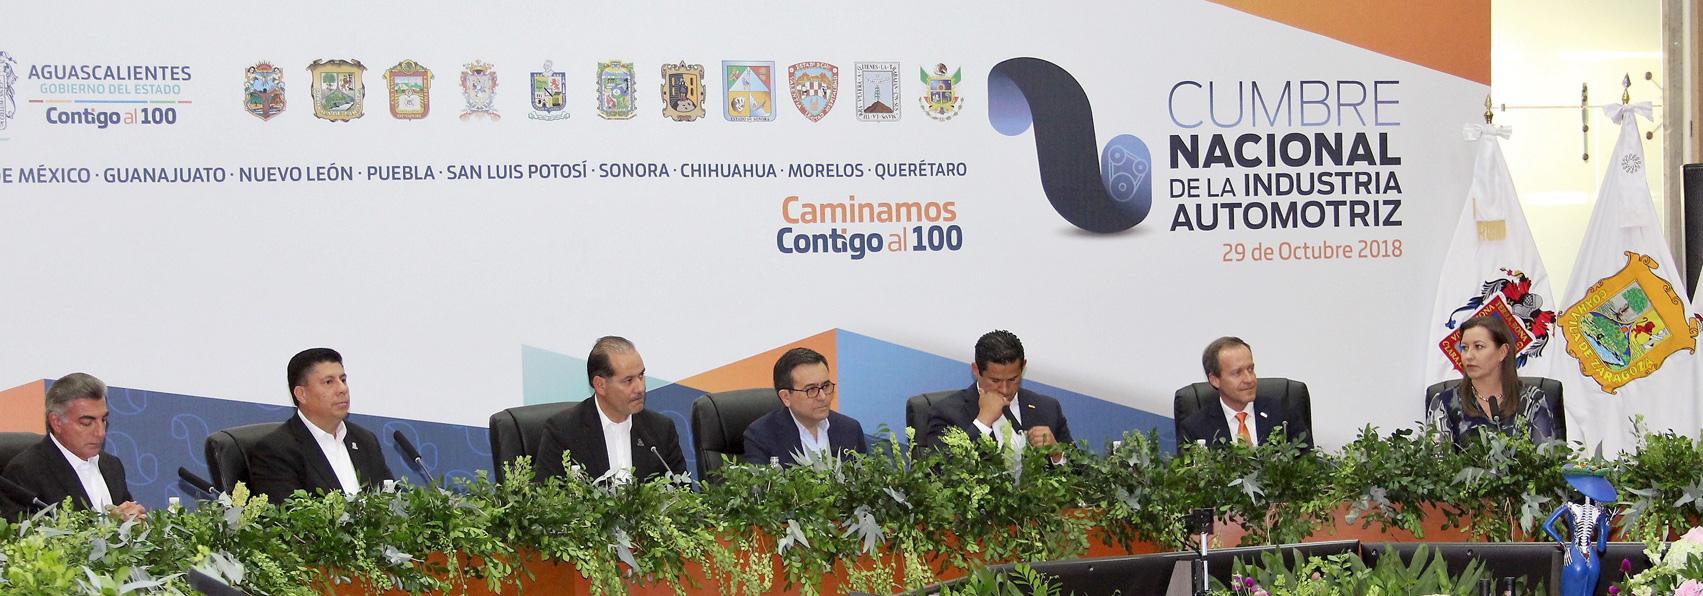 12,202 millones de dólares produjo la industria automotriz en el 2017 en el Estado de Puebla